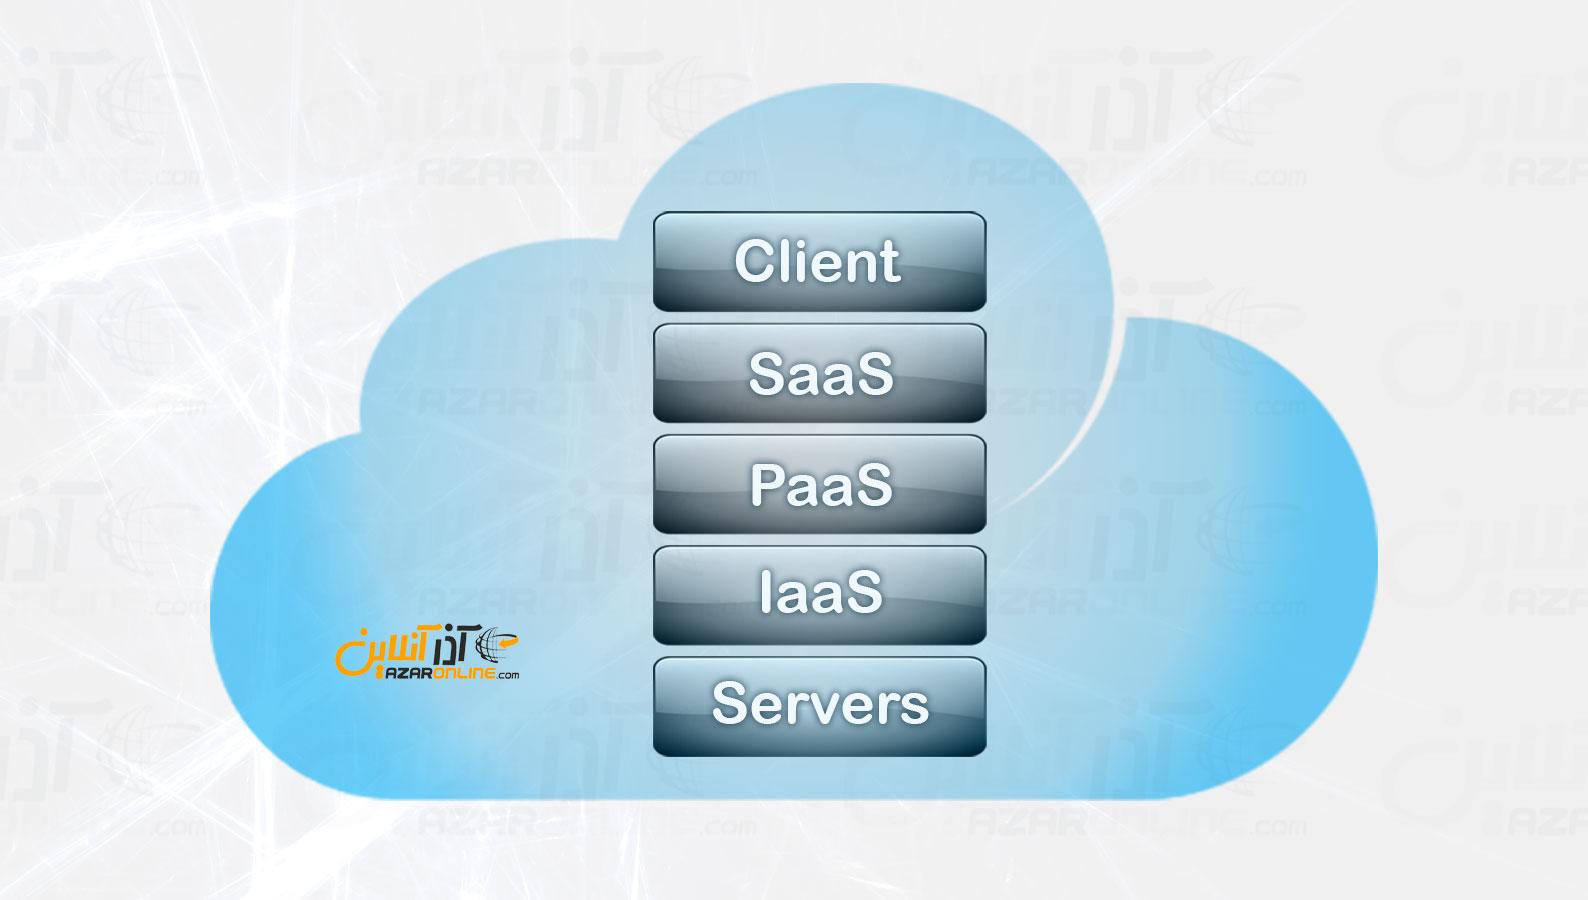 معماری رایانش ابری - 5 لایه اصلی Cloud Computing